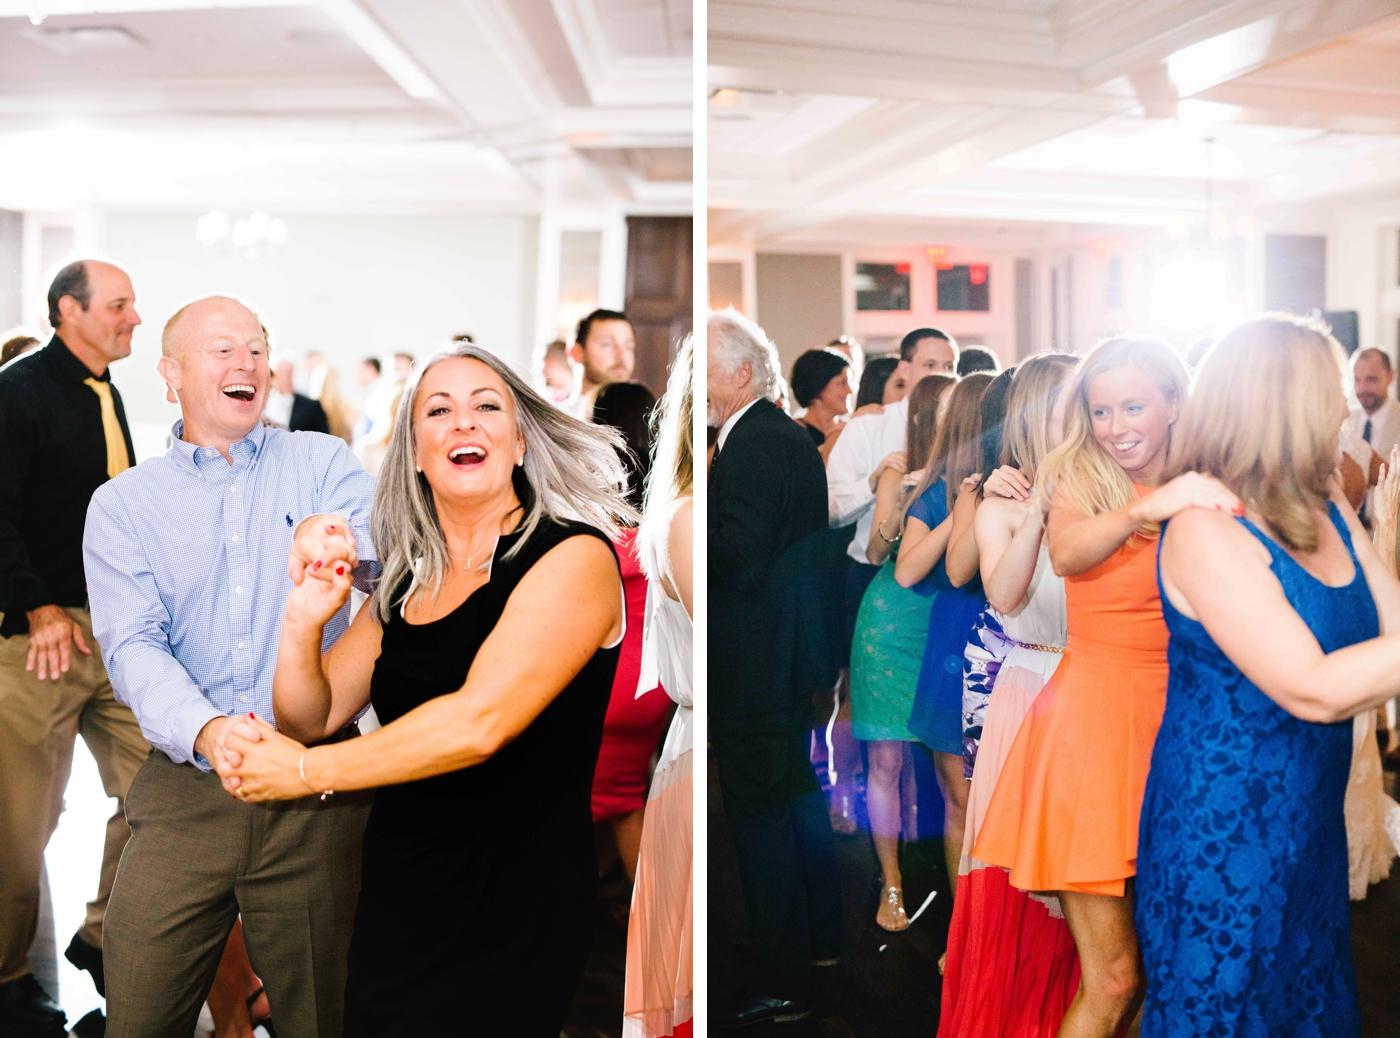 chicago-fine-art-wedding-photography-neuendank45